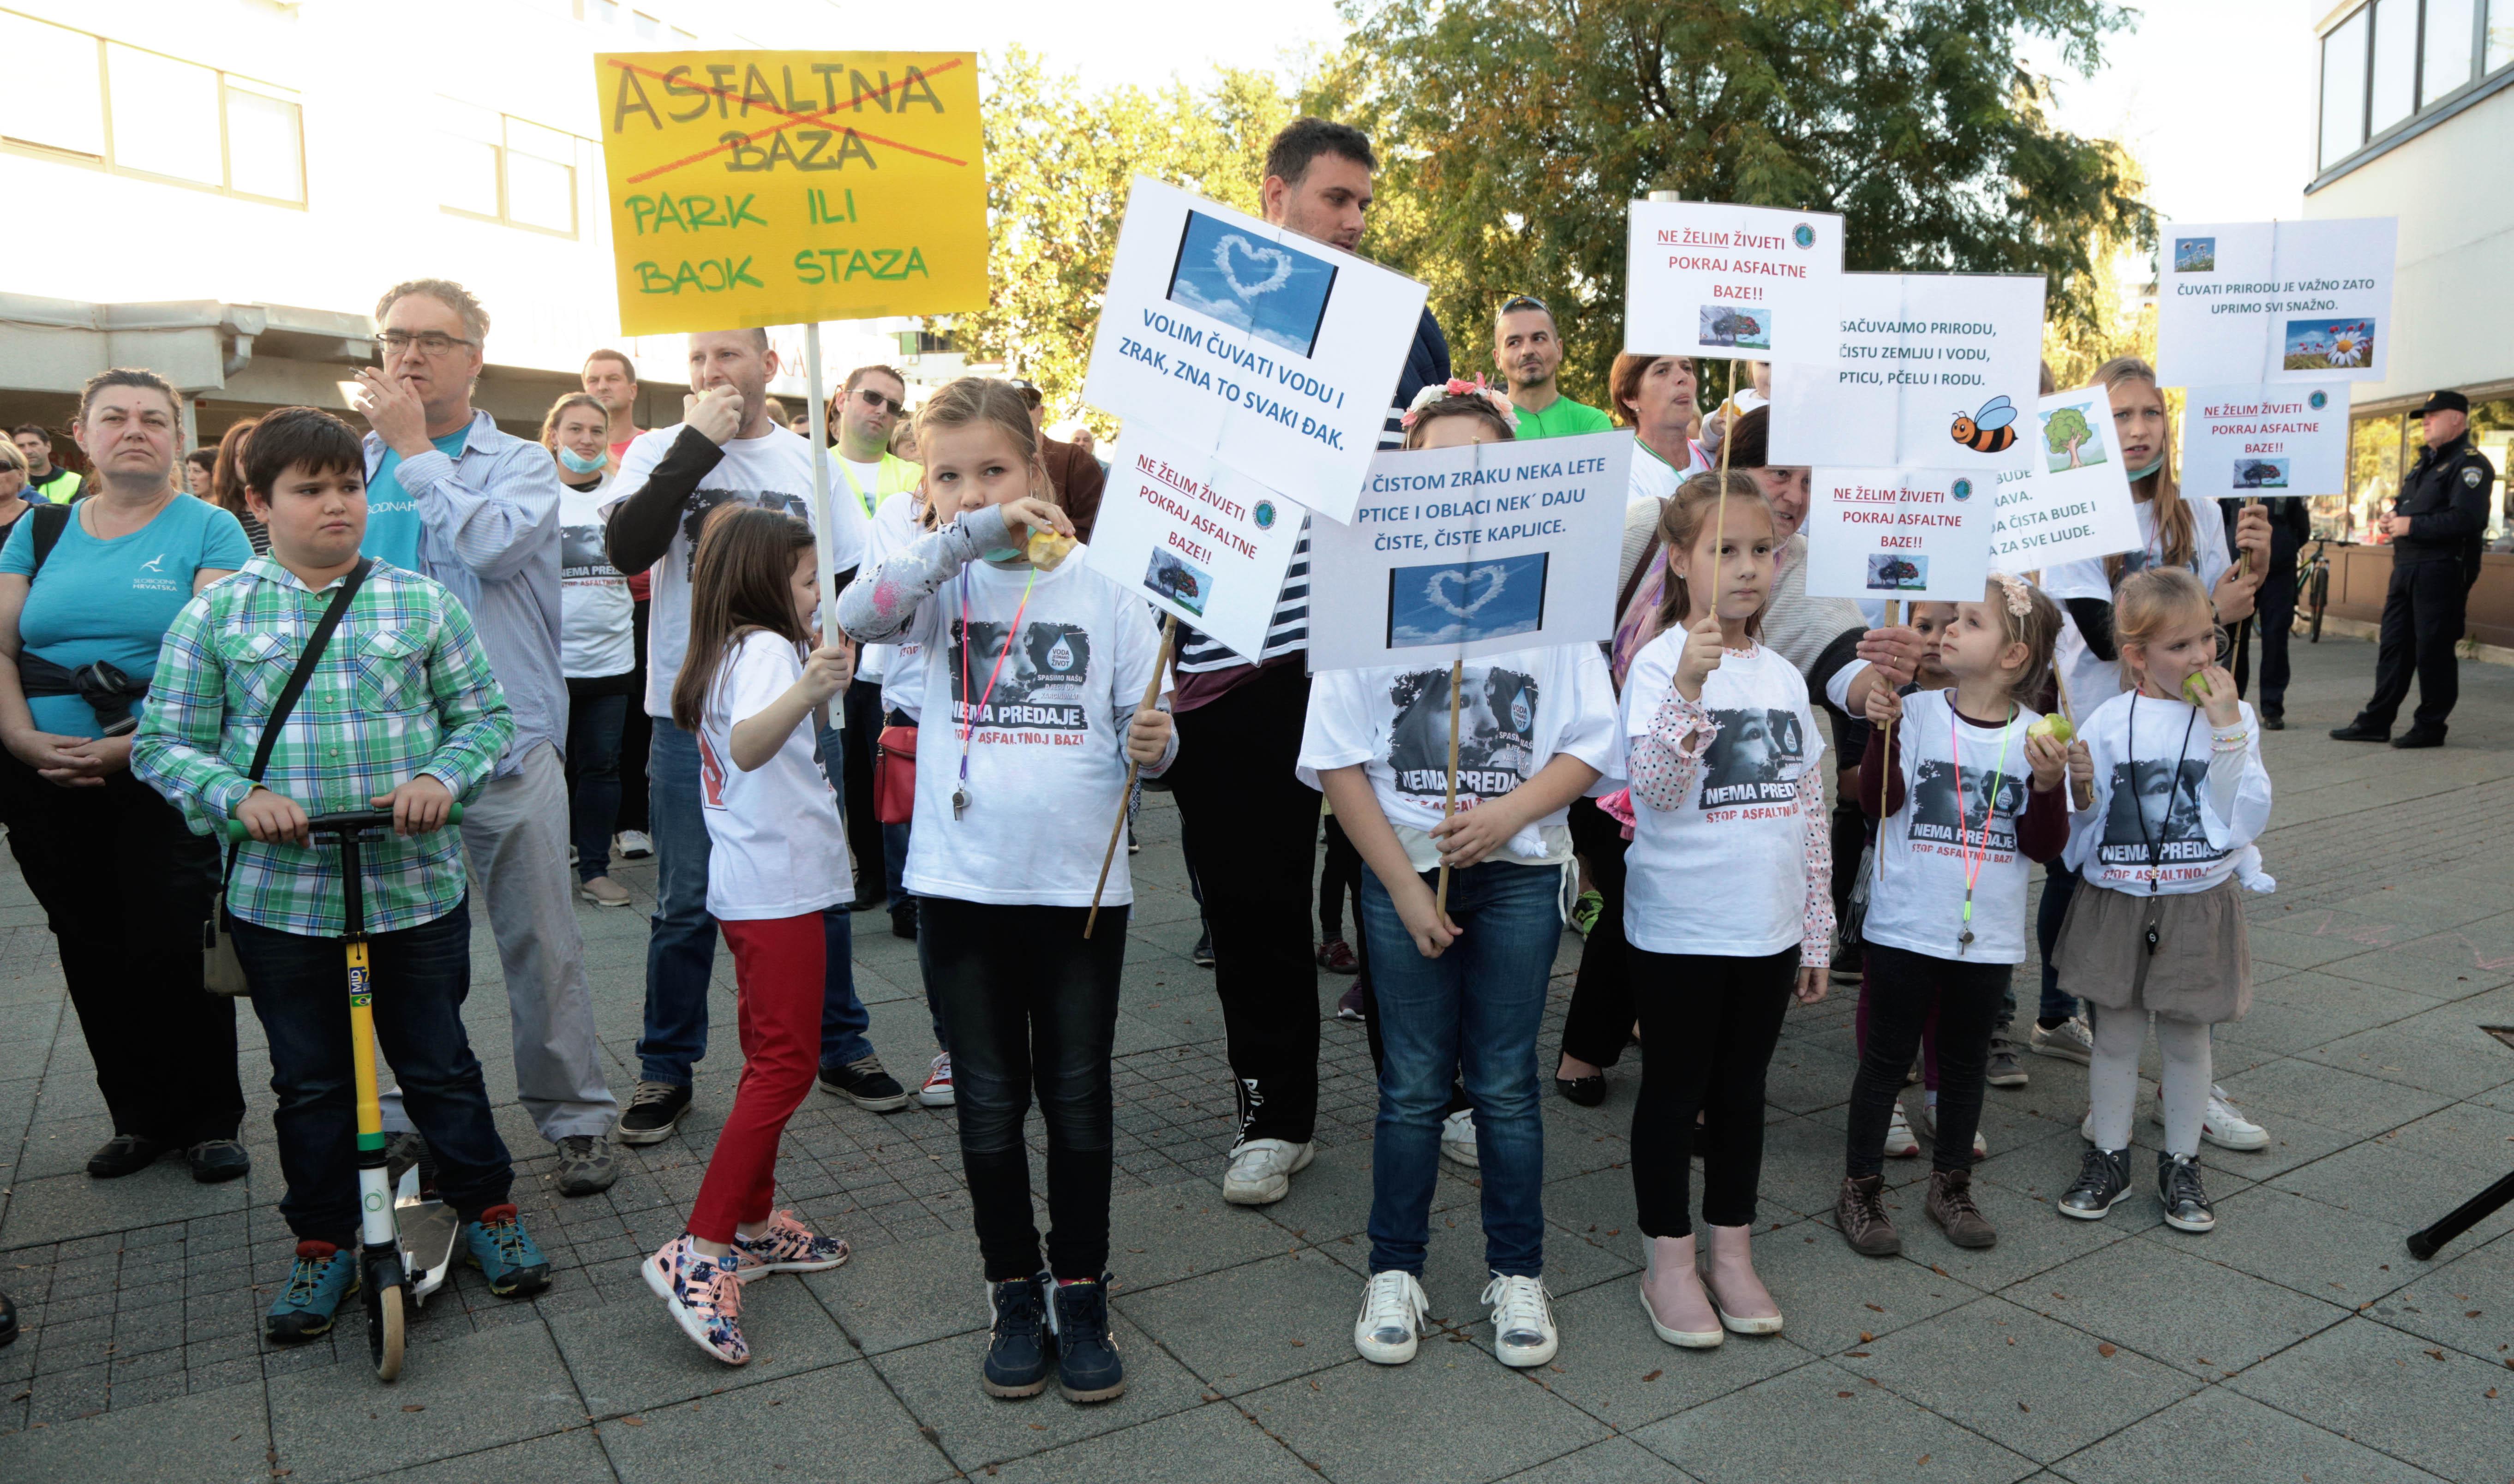 Prosvjed protiv izgradnje asfaltne baze u Donjoj Lomnici